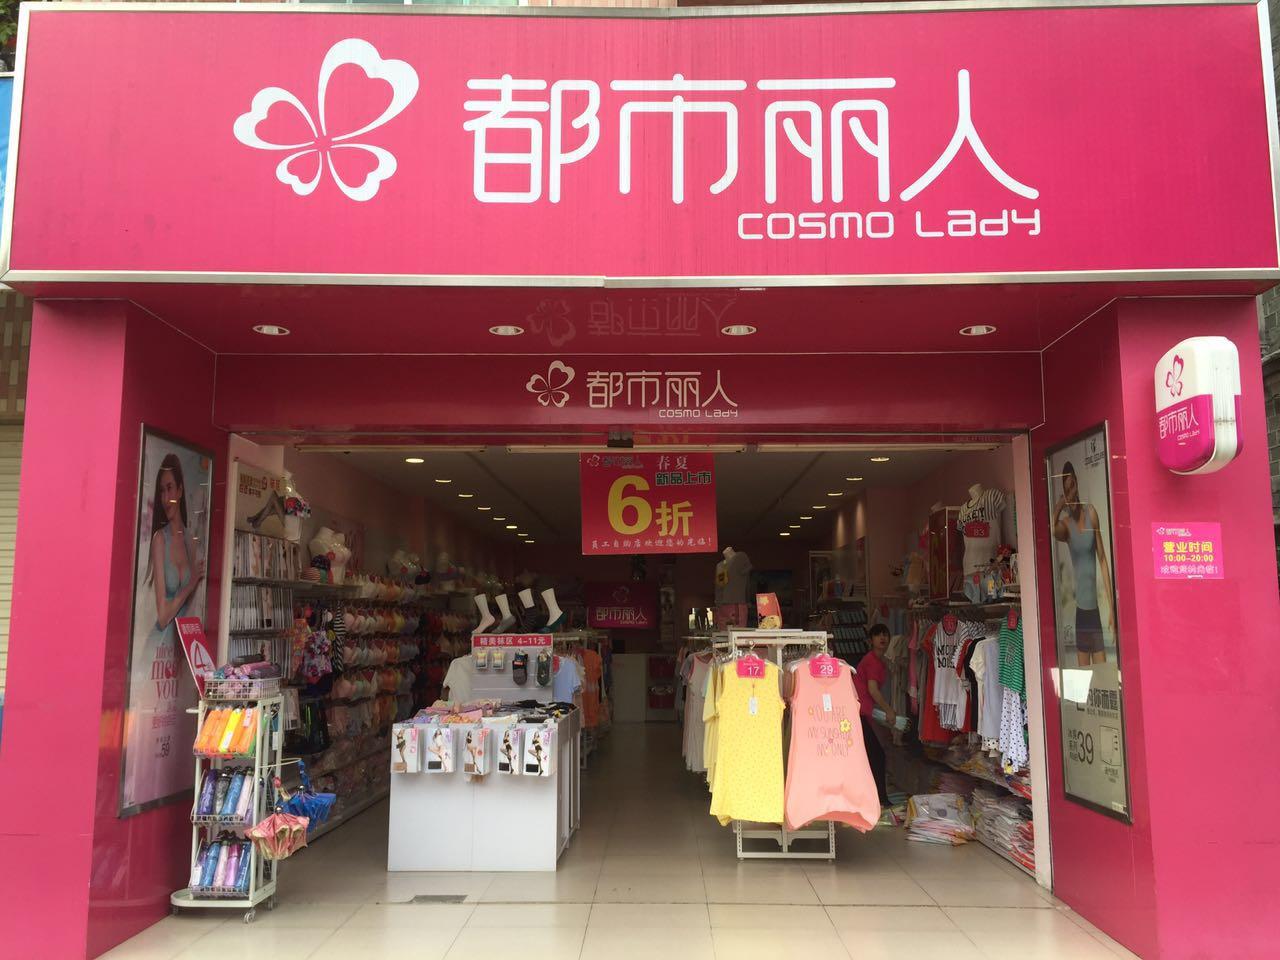 中國內衣大王「都市麗人」的業績接連滑坡,近4個月市值縮水80億港元,上半年淨利潤預計同比減少80%。(大紀元資料室)